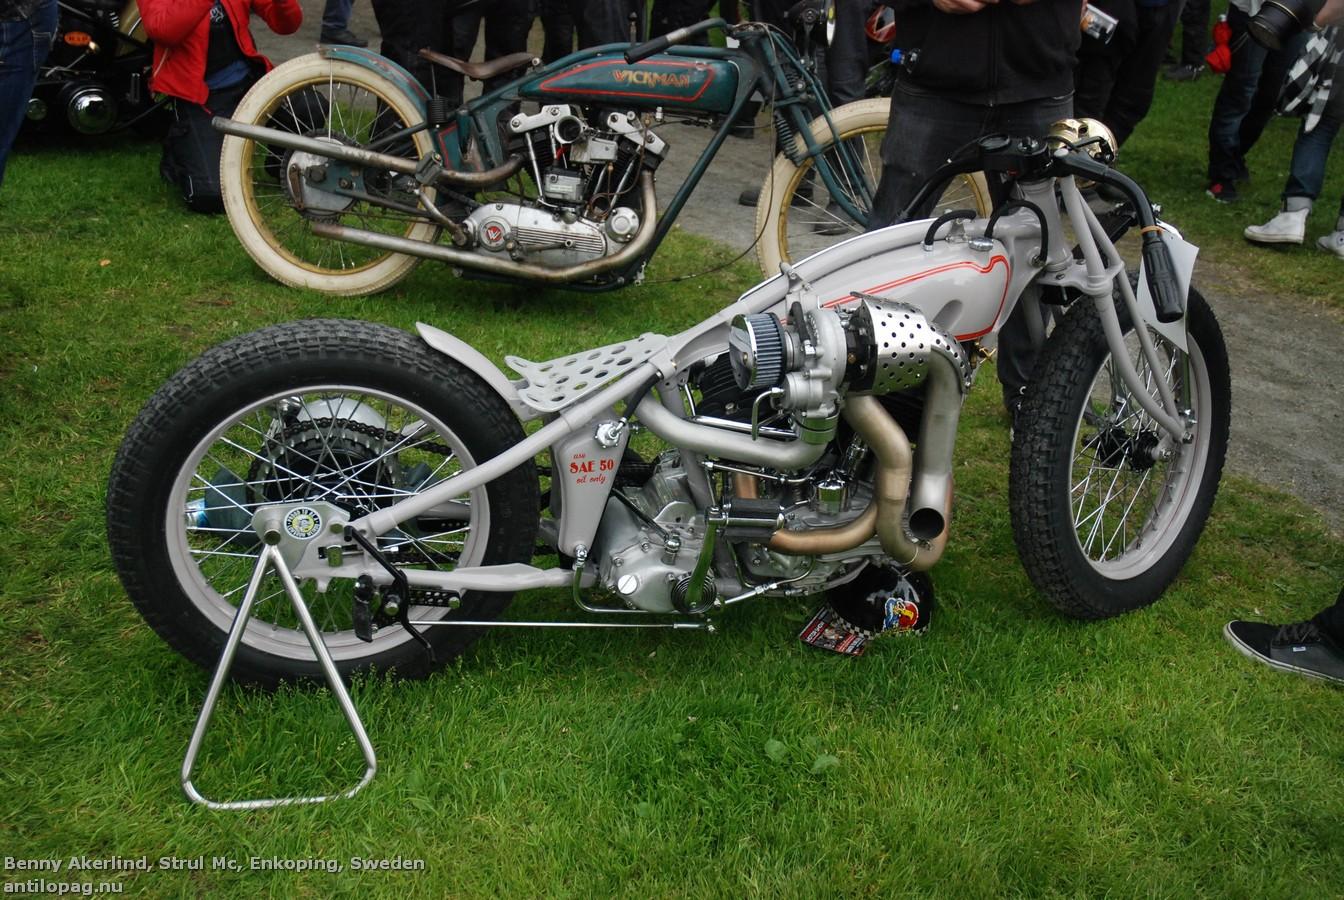 Третье место в категории мотоциклов Классик Кастом на кастомбайк-шоу в Норртелье 2013